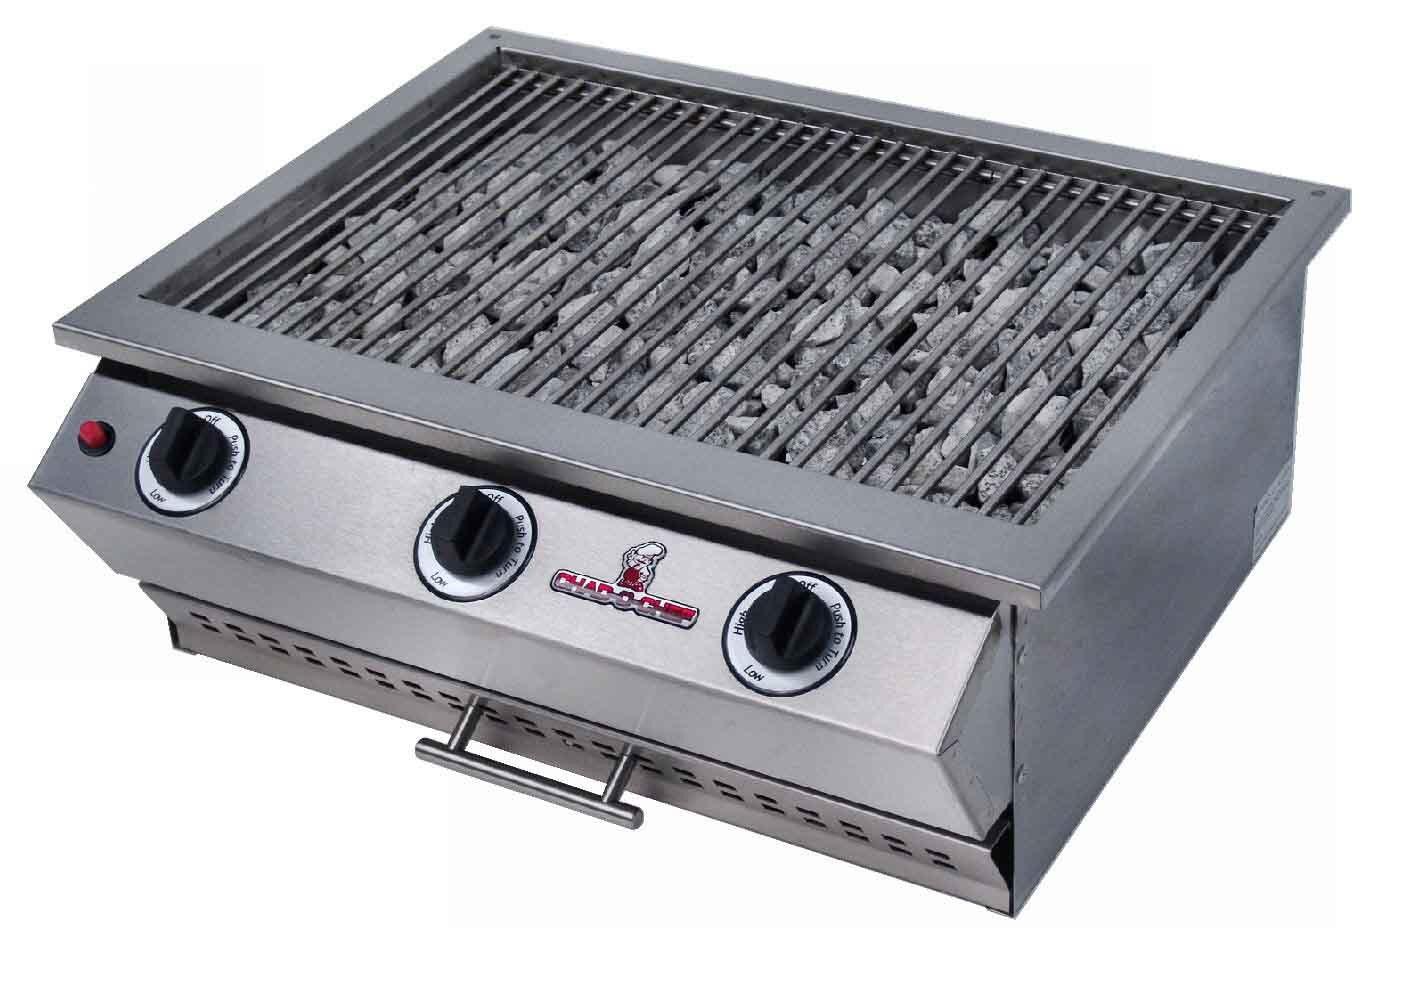 CHAD O CHEF 3 Burner Sizzler Gas Grill